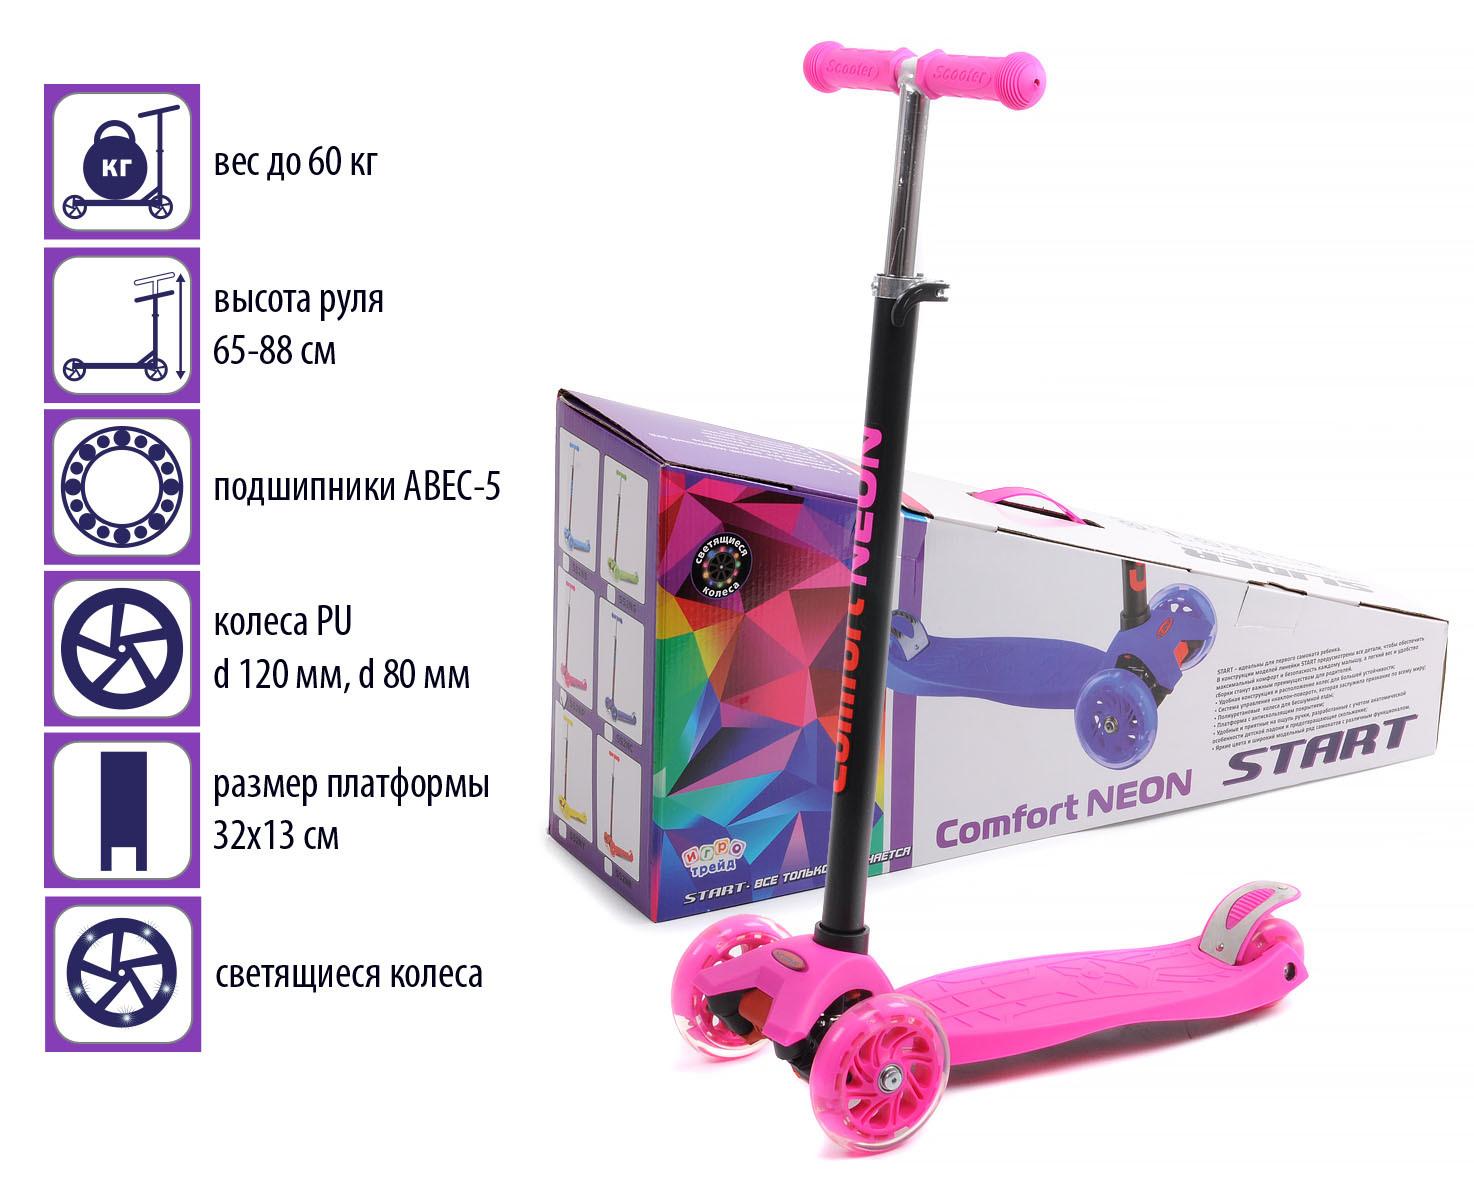 Самокат четырёхколёсный. Руль металлический с резиновой рукояткой, регулируется по высоте Высота ручки(min/max): 66-87 см. Колеса: PU, светящиеся Диаметр переднего колеса: 120 мм. Диаметр заднего колеса: 80 мм.( сдвоенное- 2 шт.) Подшипники: ABEC-5 Платформа: РР+нейлон, размеры 55*14 см. Максимальная нагрузка: 60 кг. Возраст: от 2-х лет Цвет- розовый, яркий, неоновый.